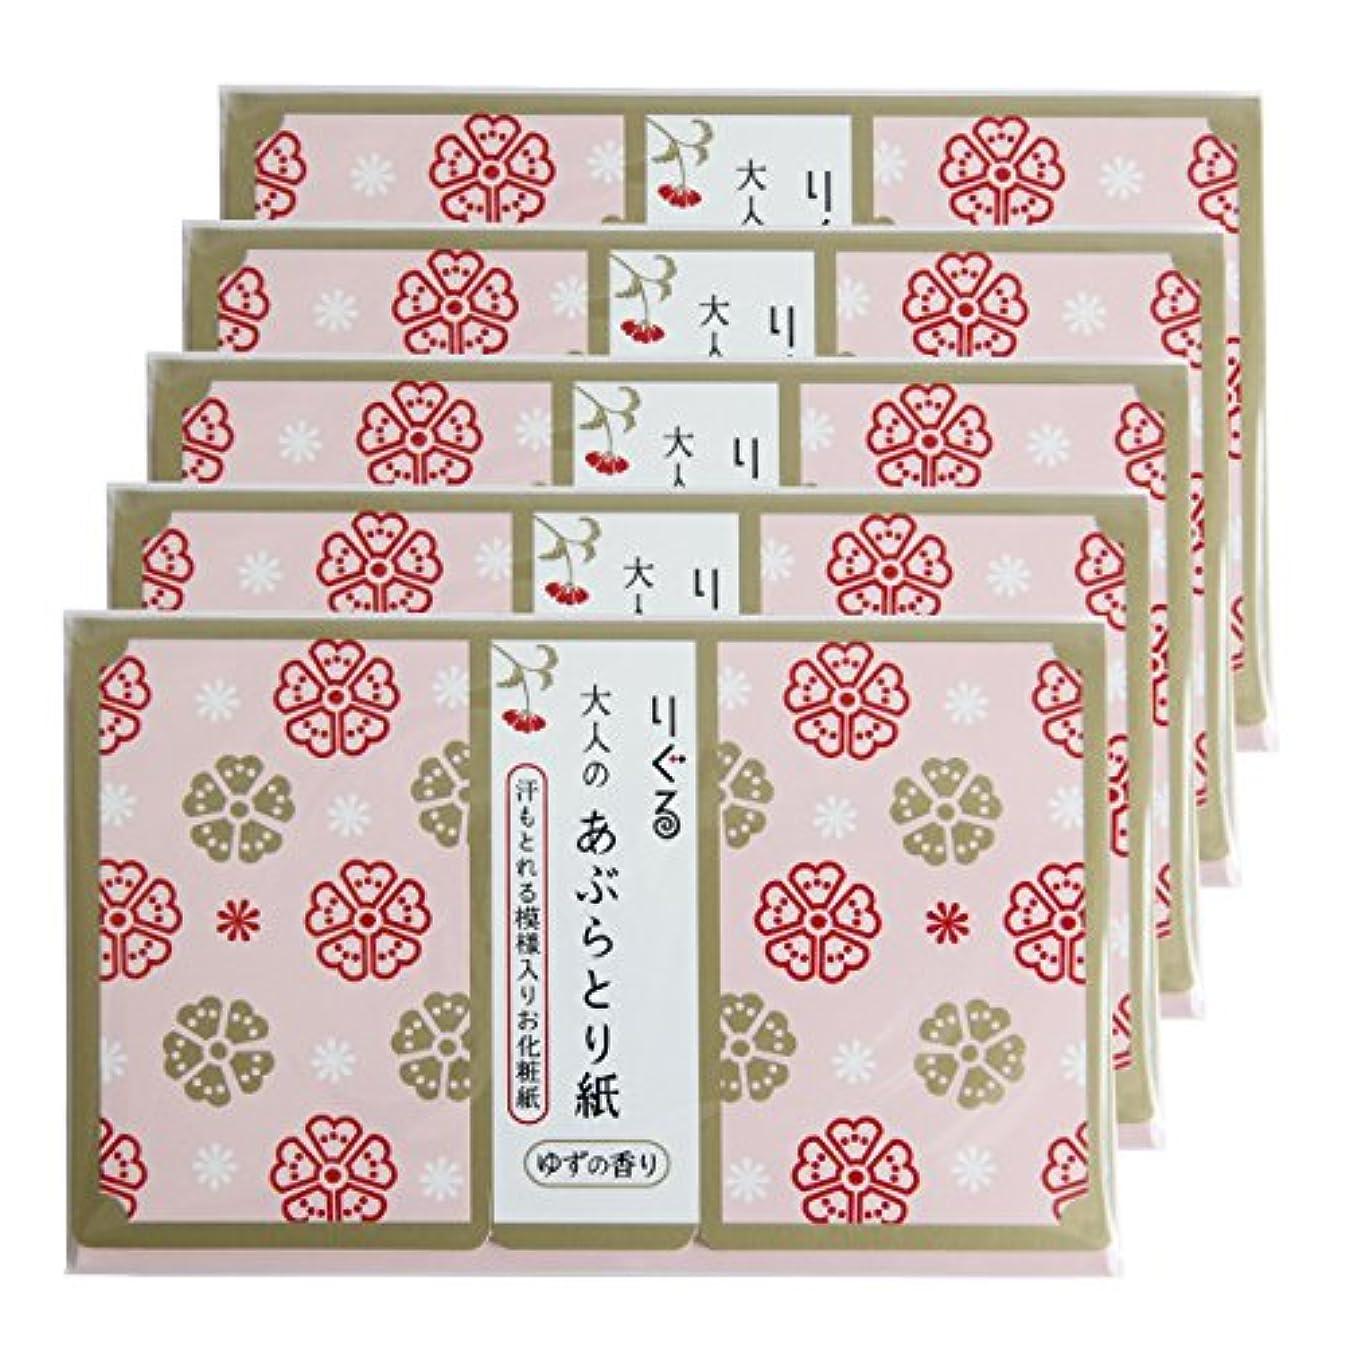 雨の泥棒ハリウッドりぐる 大人のあぶらとり紙 使うたびにうれしくなる ちょっと贅沢な高知県産ゆずの香りのあぶらとり紙(30枚入り) (5p)